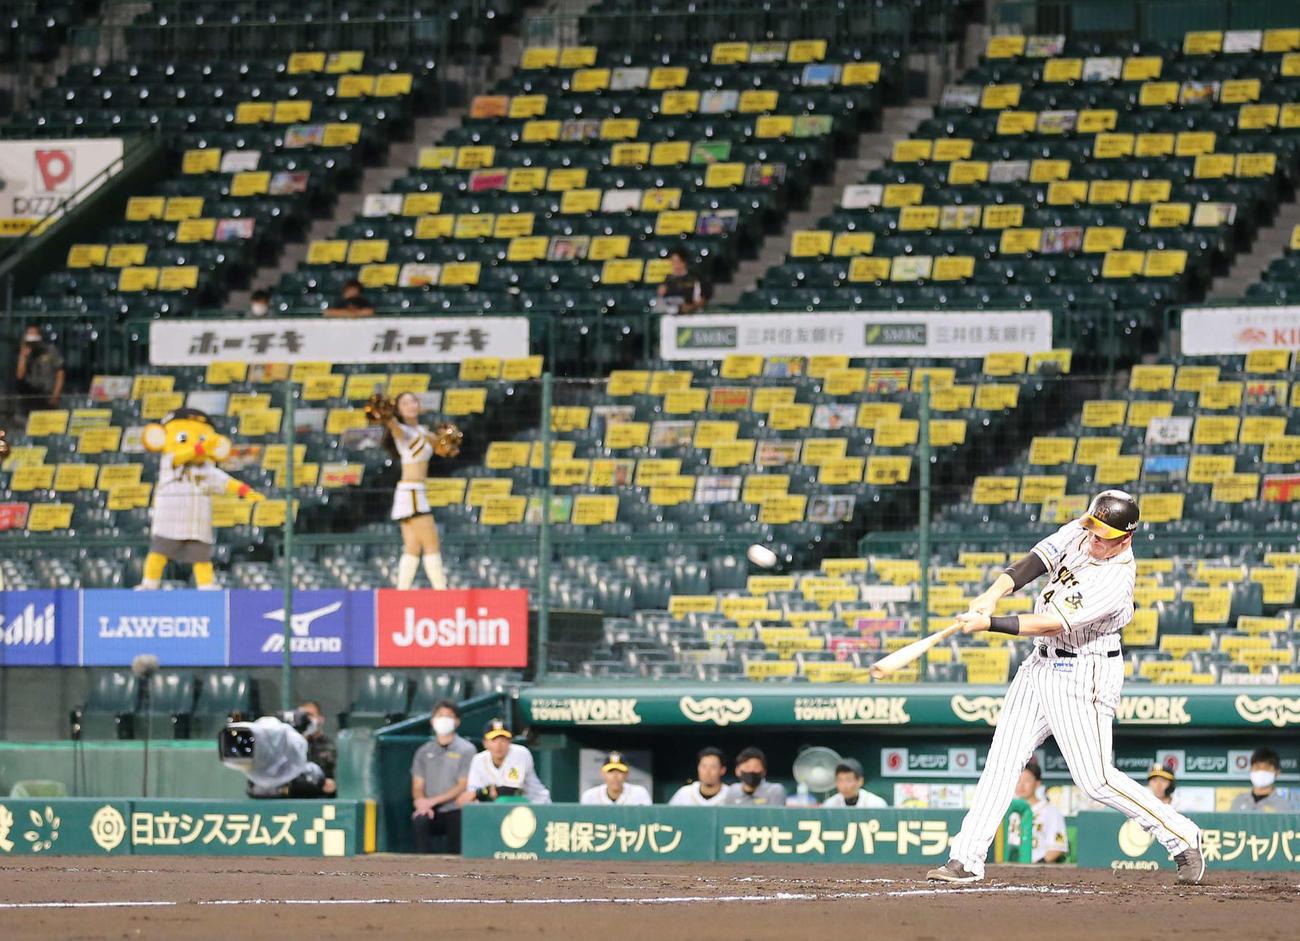 阪神対巨人 7回裏阪神無死一塁、ファンの声援ボードを背に先制の2点本塁打を放つボーア(撮影・河野匠)